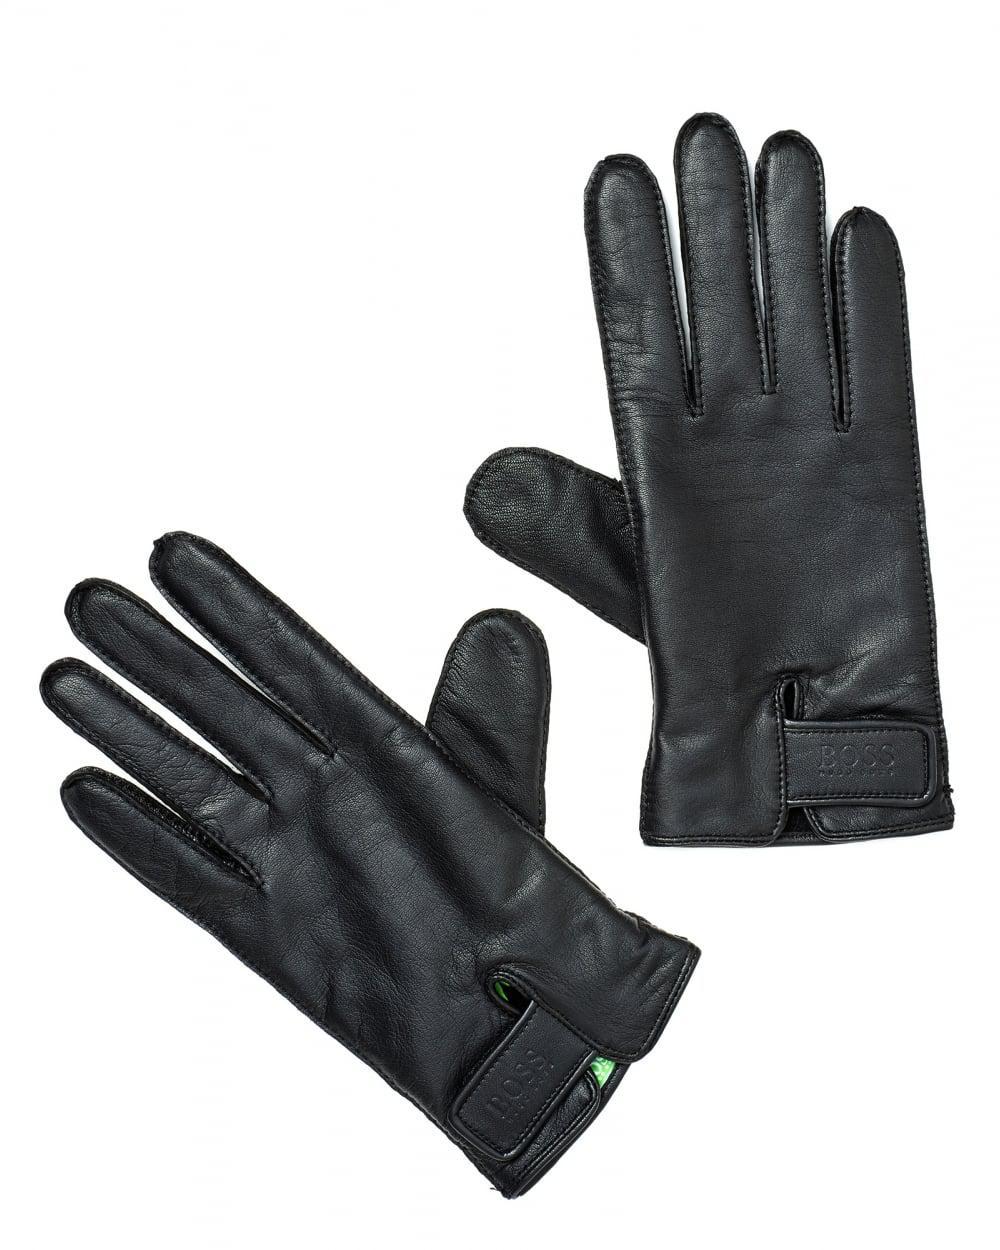 9e1e939db7b374 BOSS Gans 3 Gloves, Branded Wrist Fixing Black Gloves in Black for ...